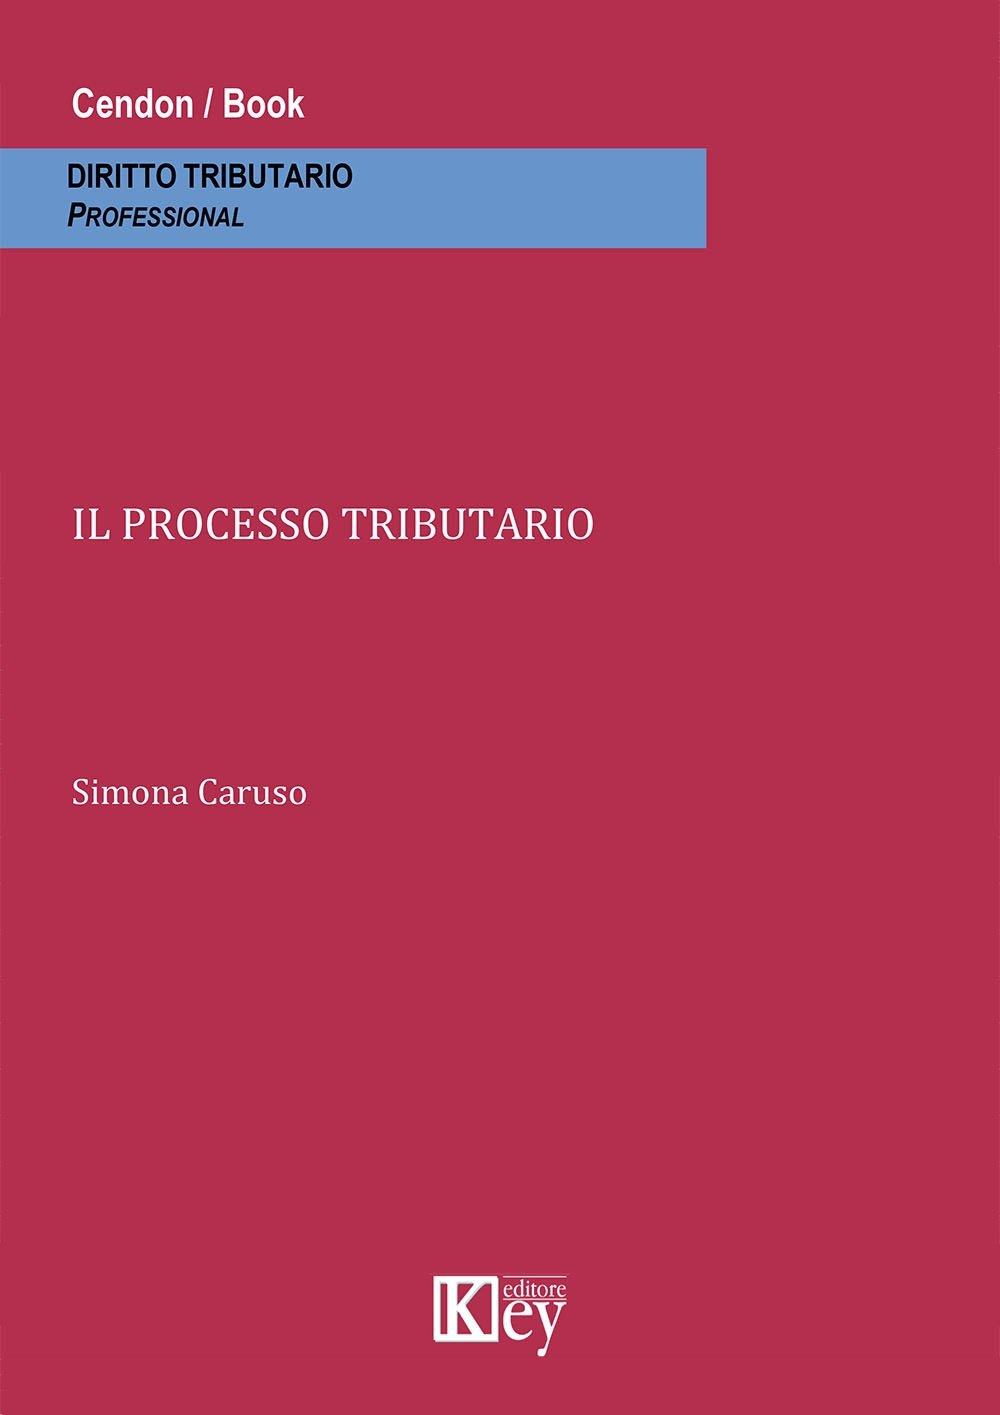 Il processo tributario Copertina flessibile – 1 dic 2014 Simona Caruso Key Editore 8896791677 Italia